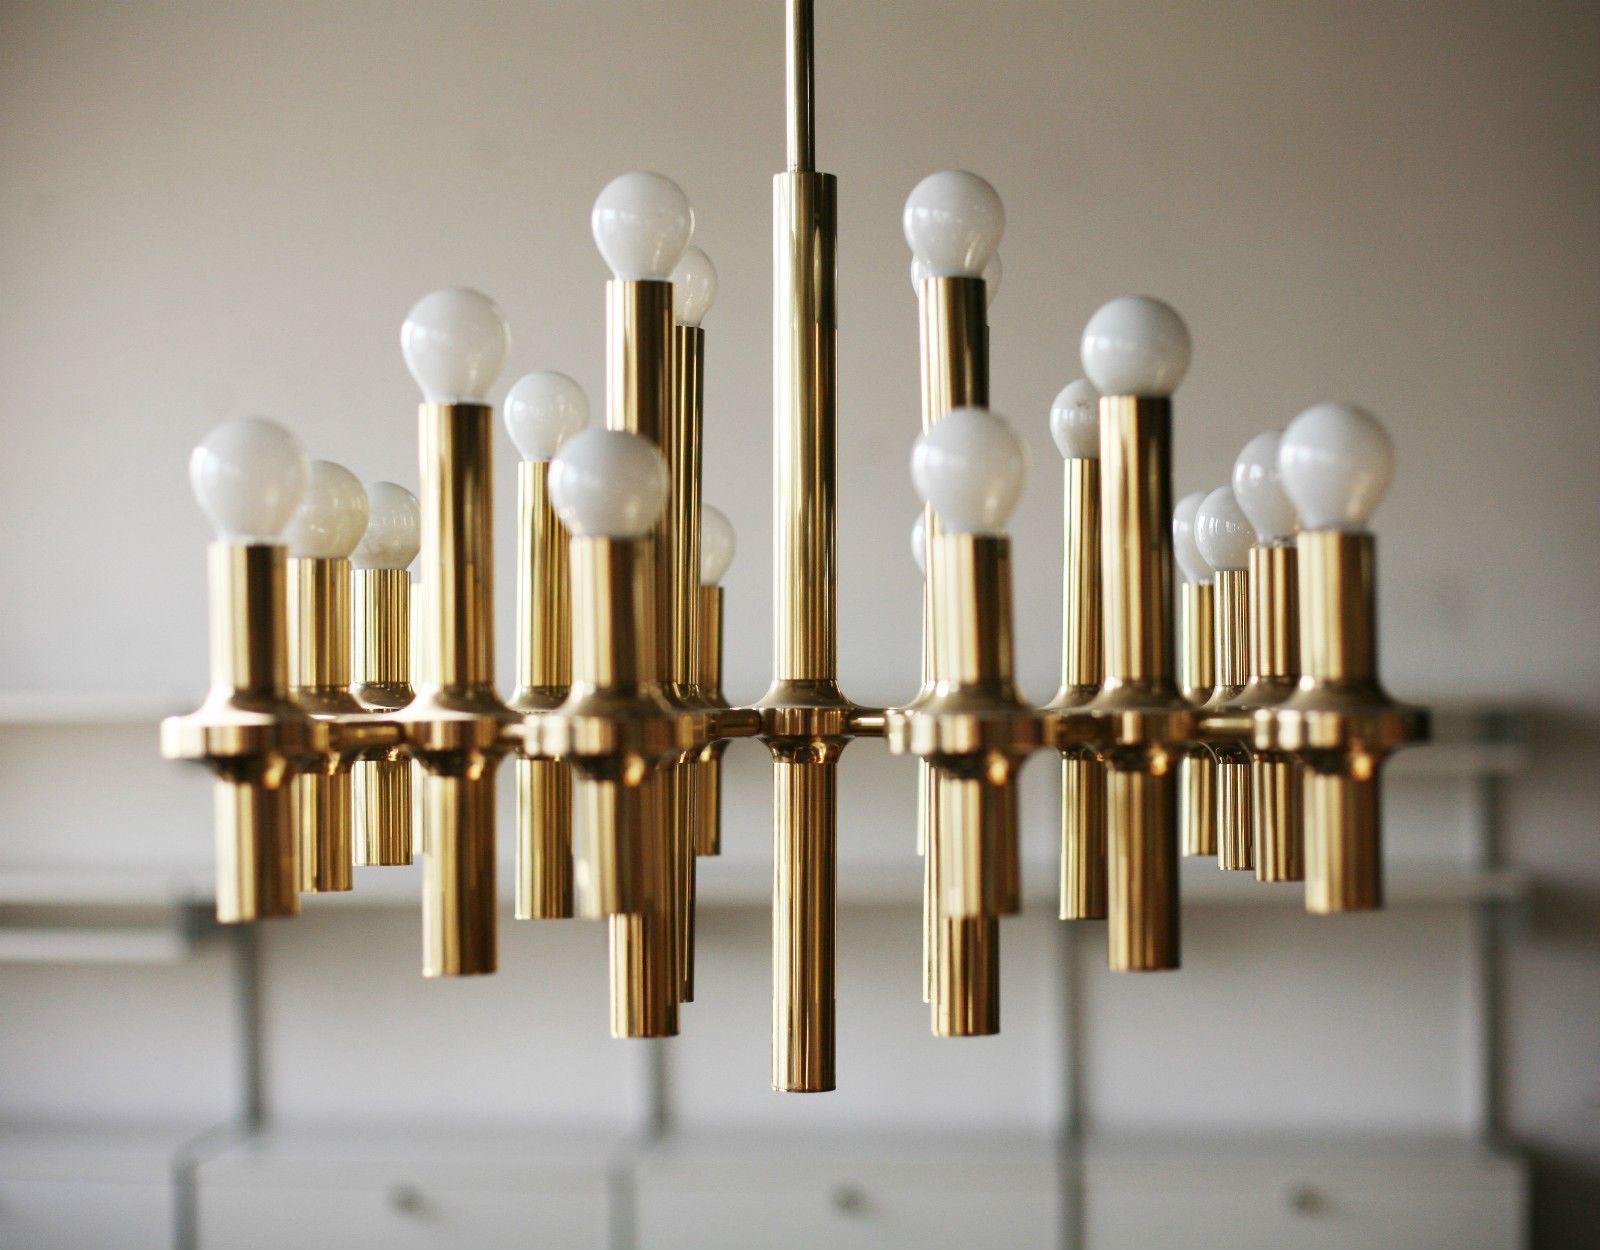 attraktive ideen vintage wandlampe beste bild und aedddcaabdedcbfd